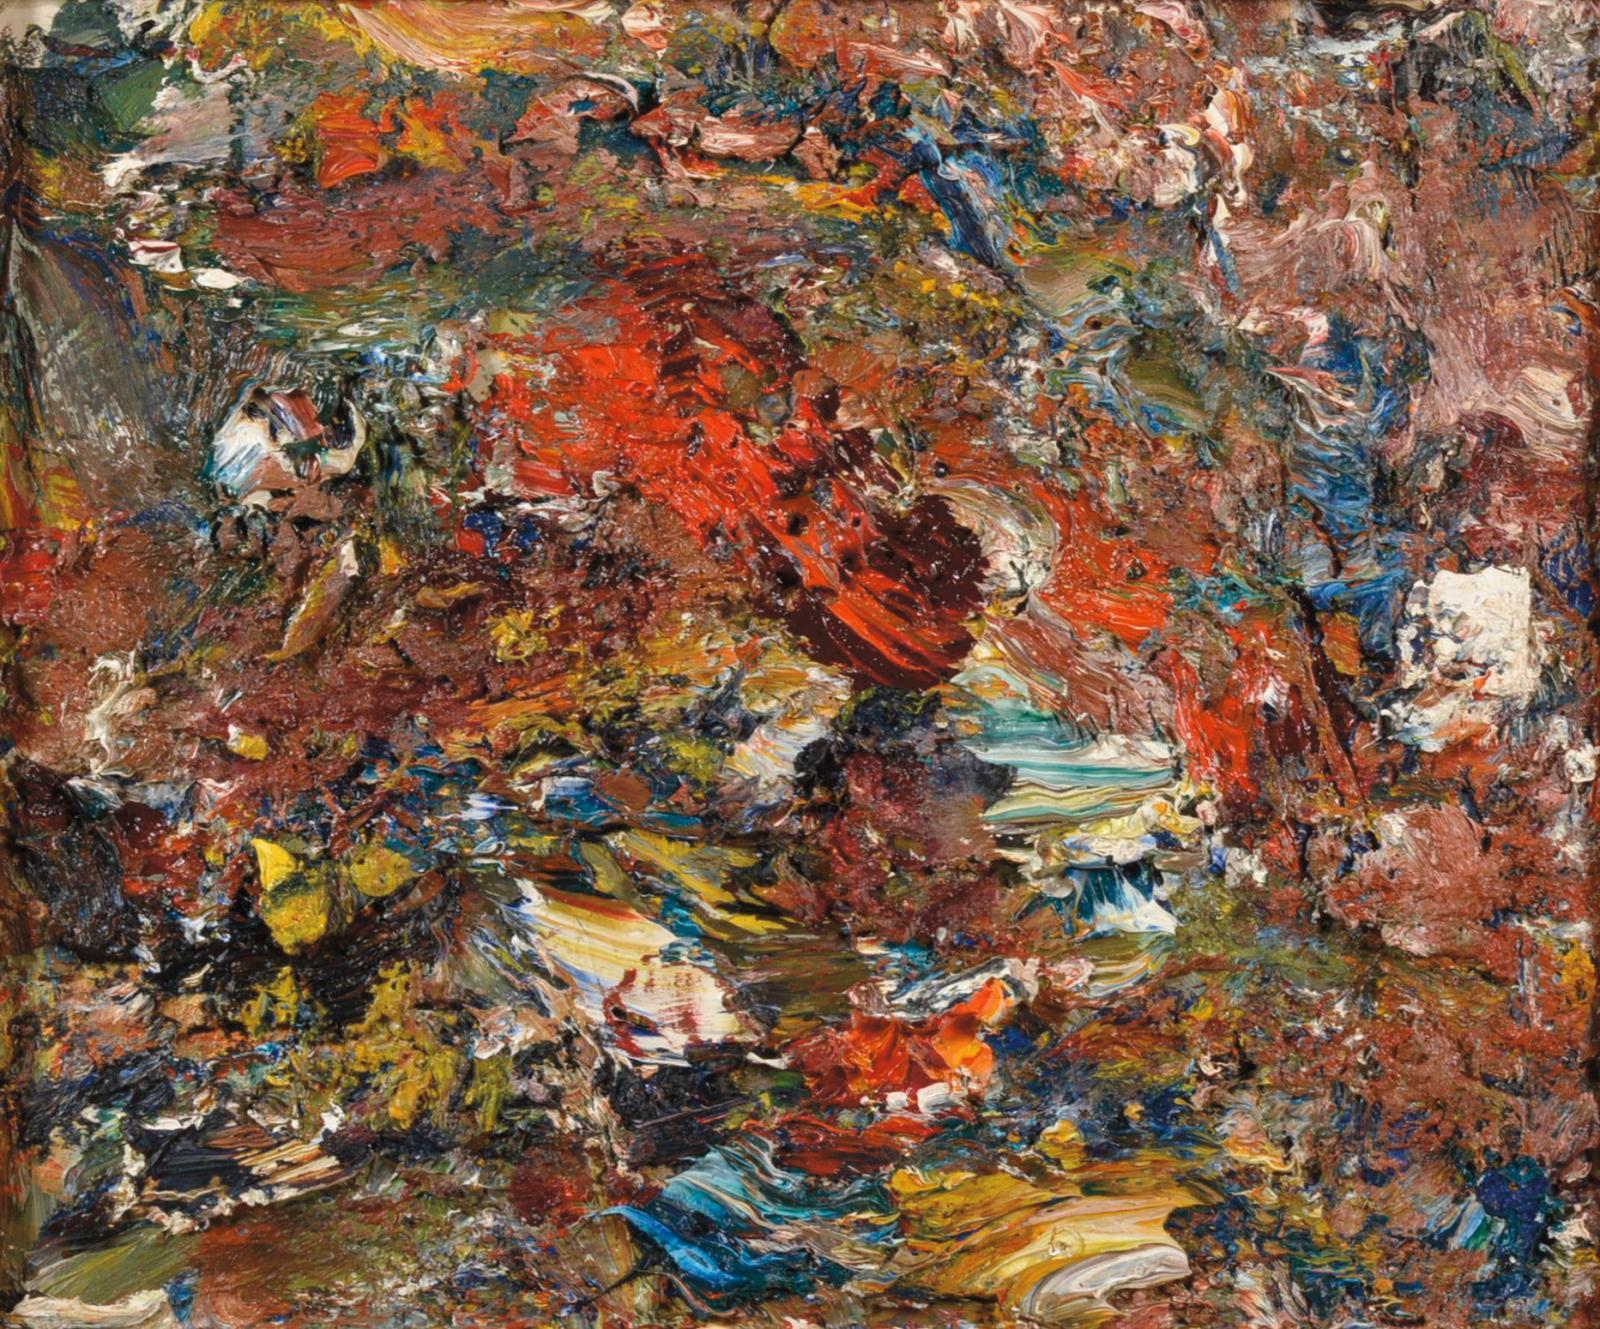 À l'écart des courants artistiques de son temps, Eugène Leroy (1910-2000) a construit une œuvre exigeante marquée par la matière et ses strates accumu